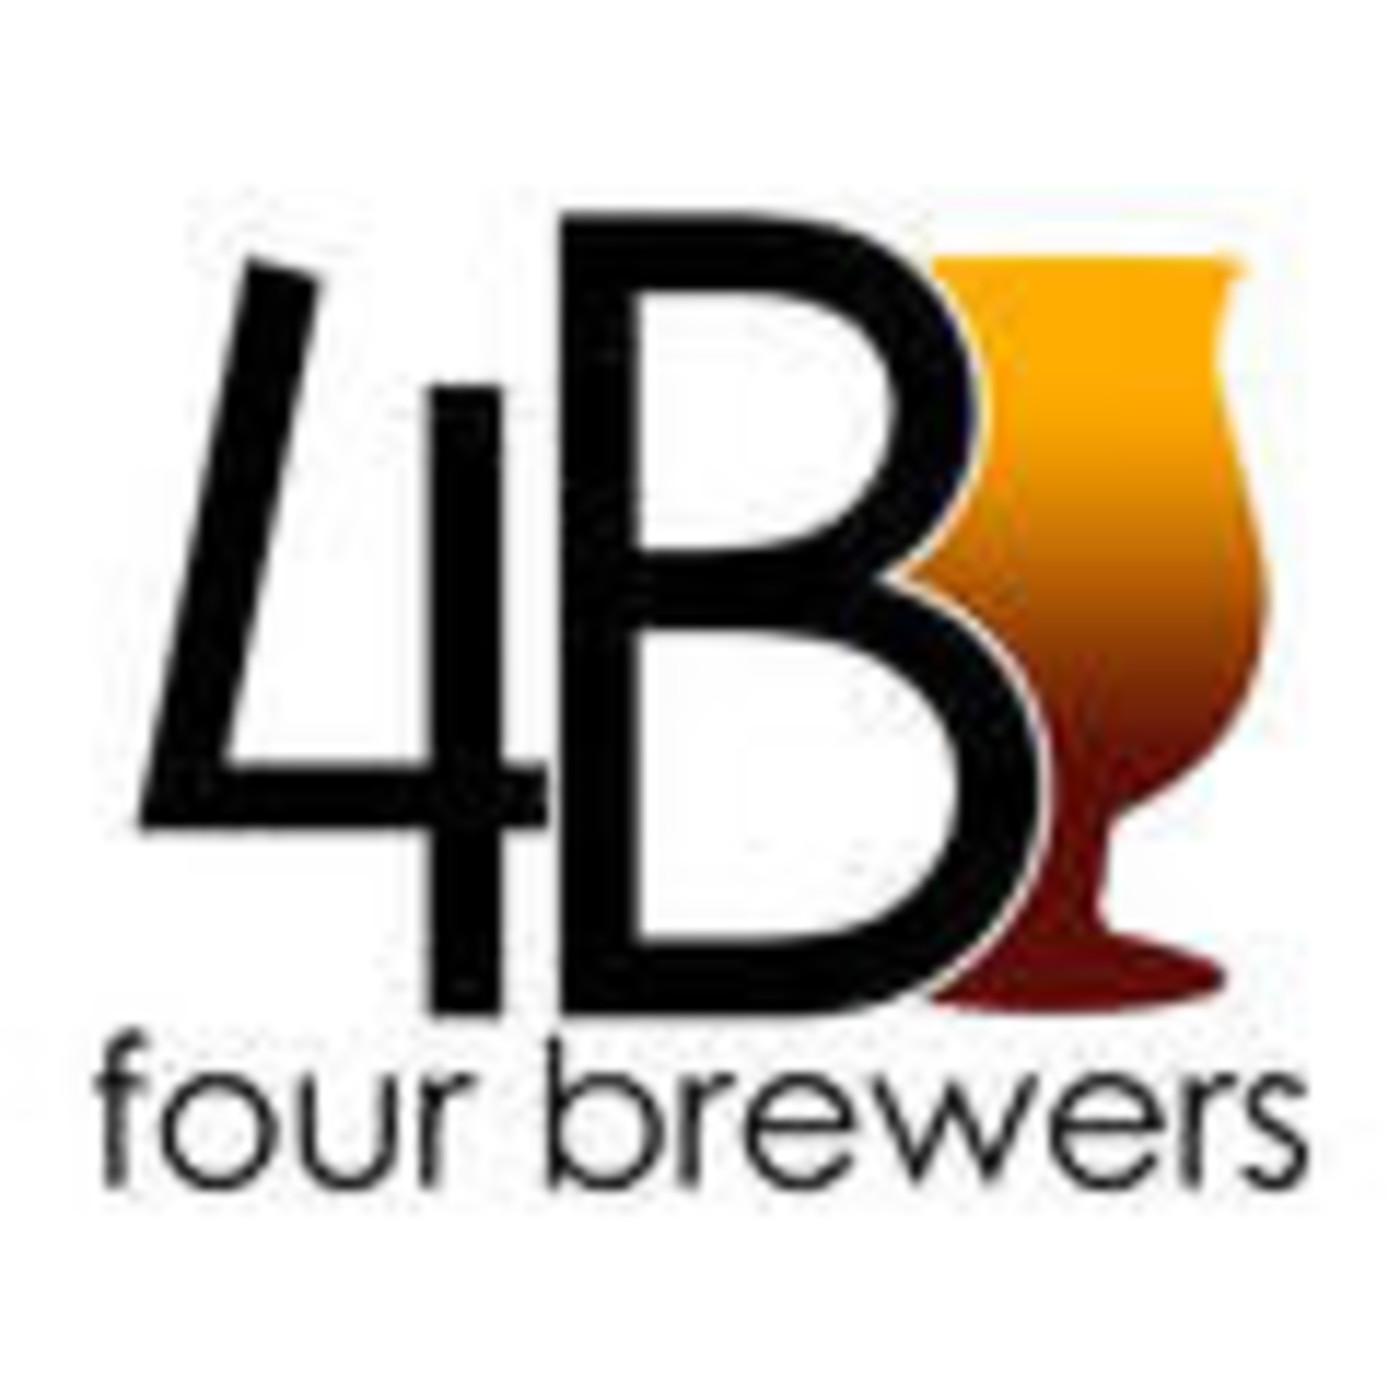 Four Brewers: Matt Becker, Joh